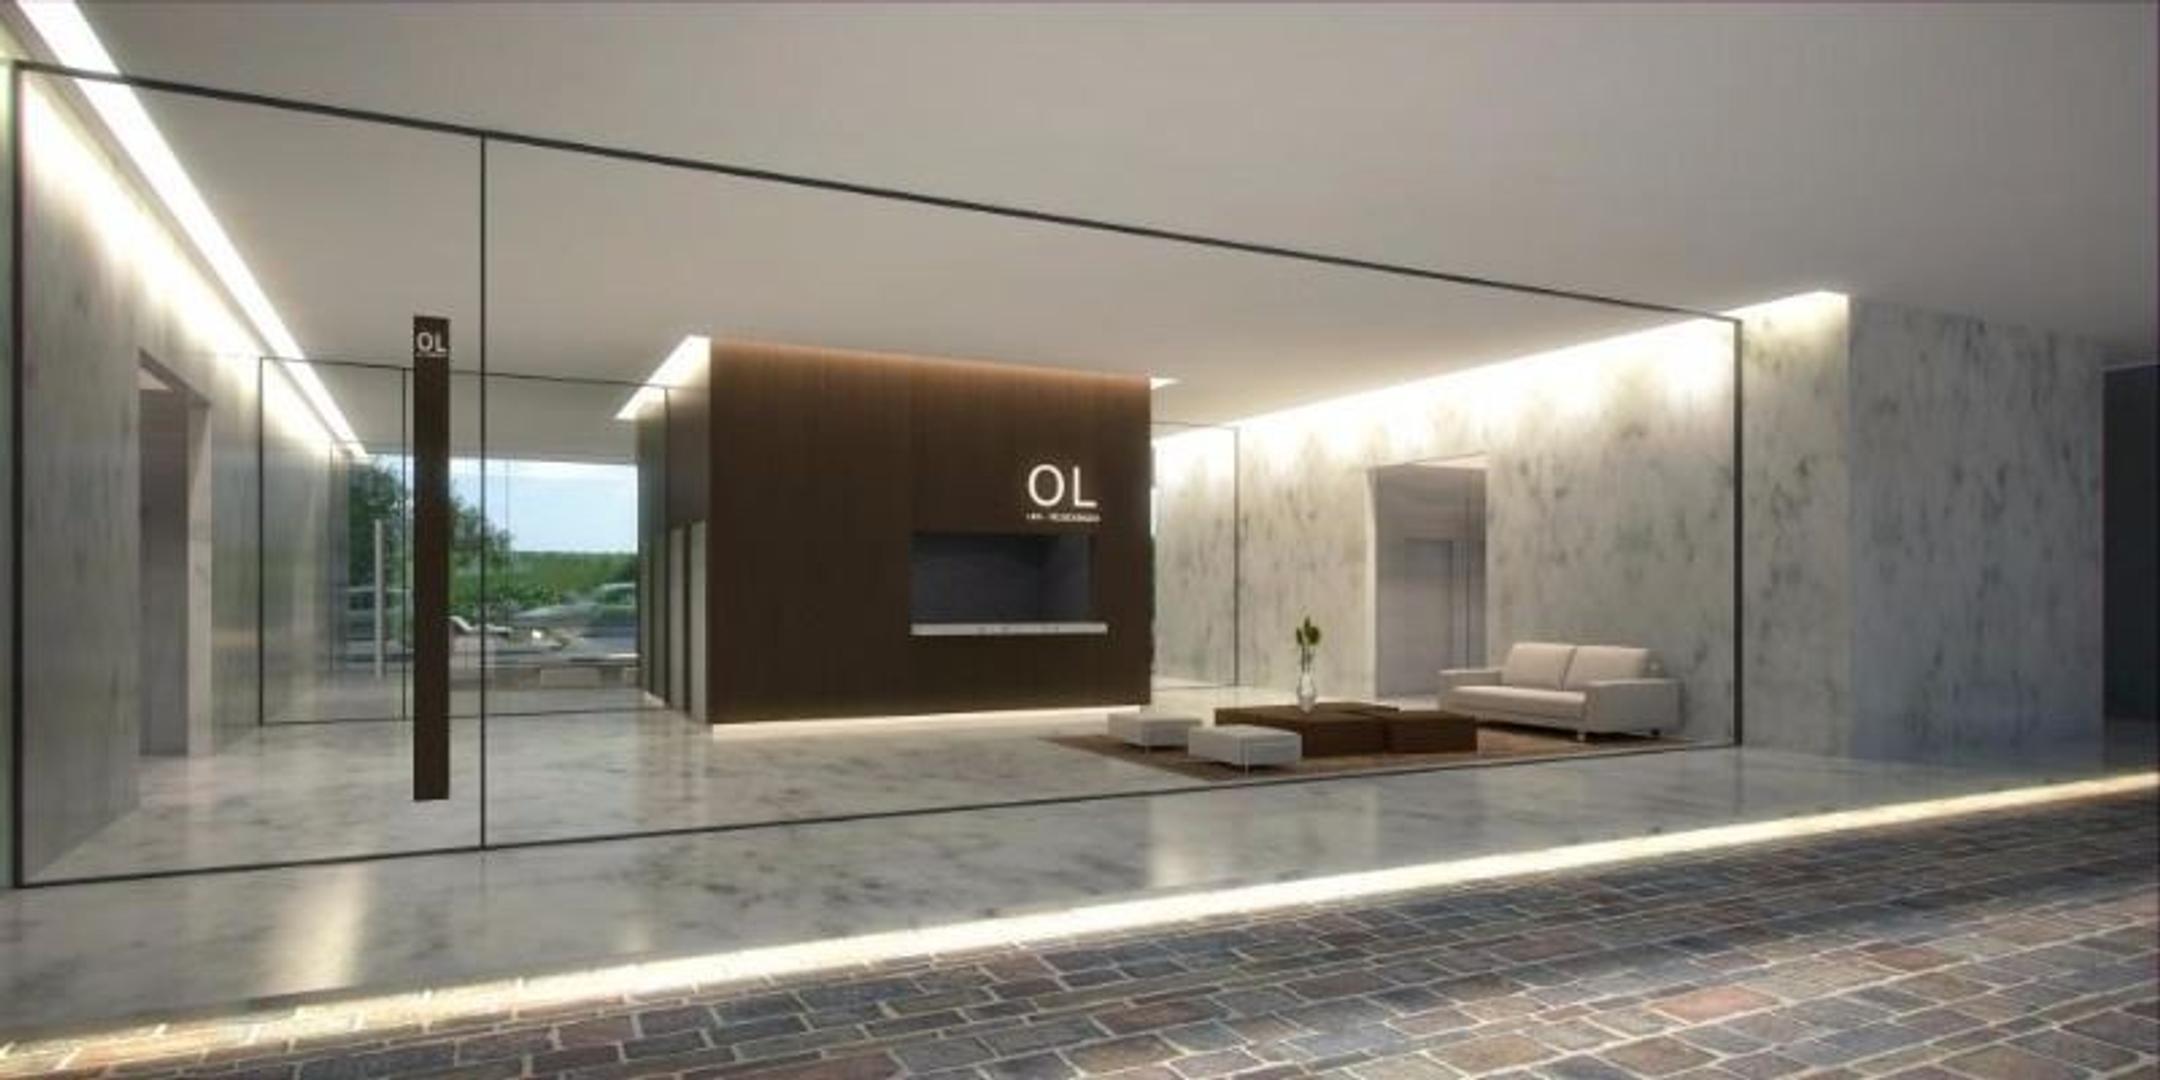 Olazabal 4500 - Villa Urquiza - Capital Federal